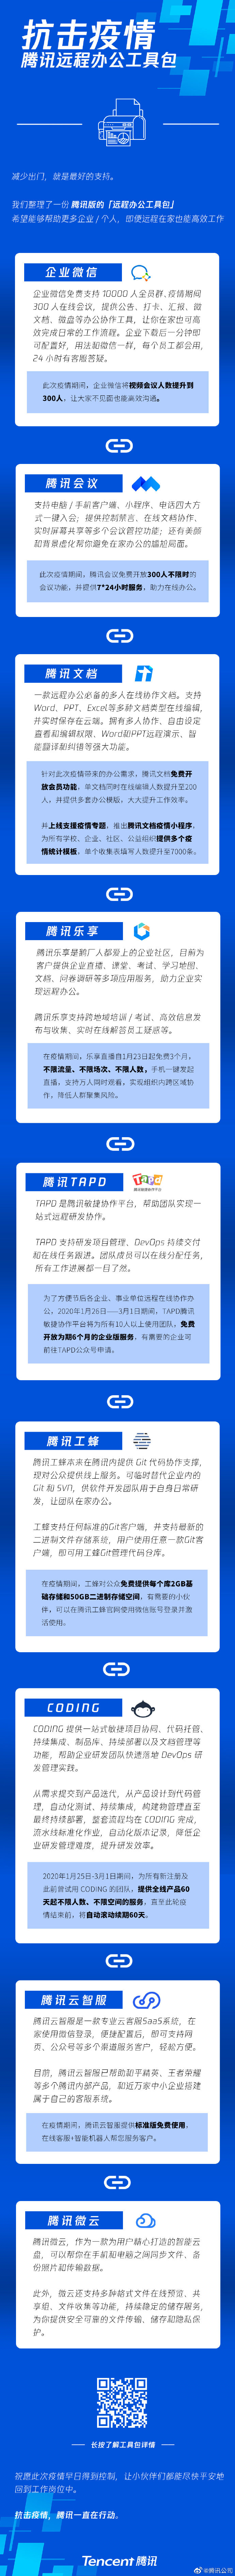 腾讯公司发布腾讯版「远程办公工具包」-玩懂手机网 - 玩懂手机第一手的手机资讯网(www.wdshouji.com)